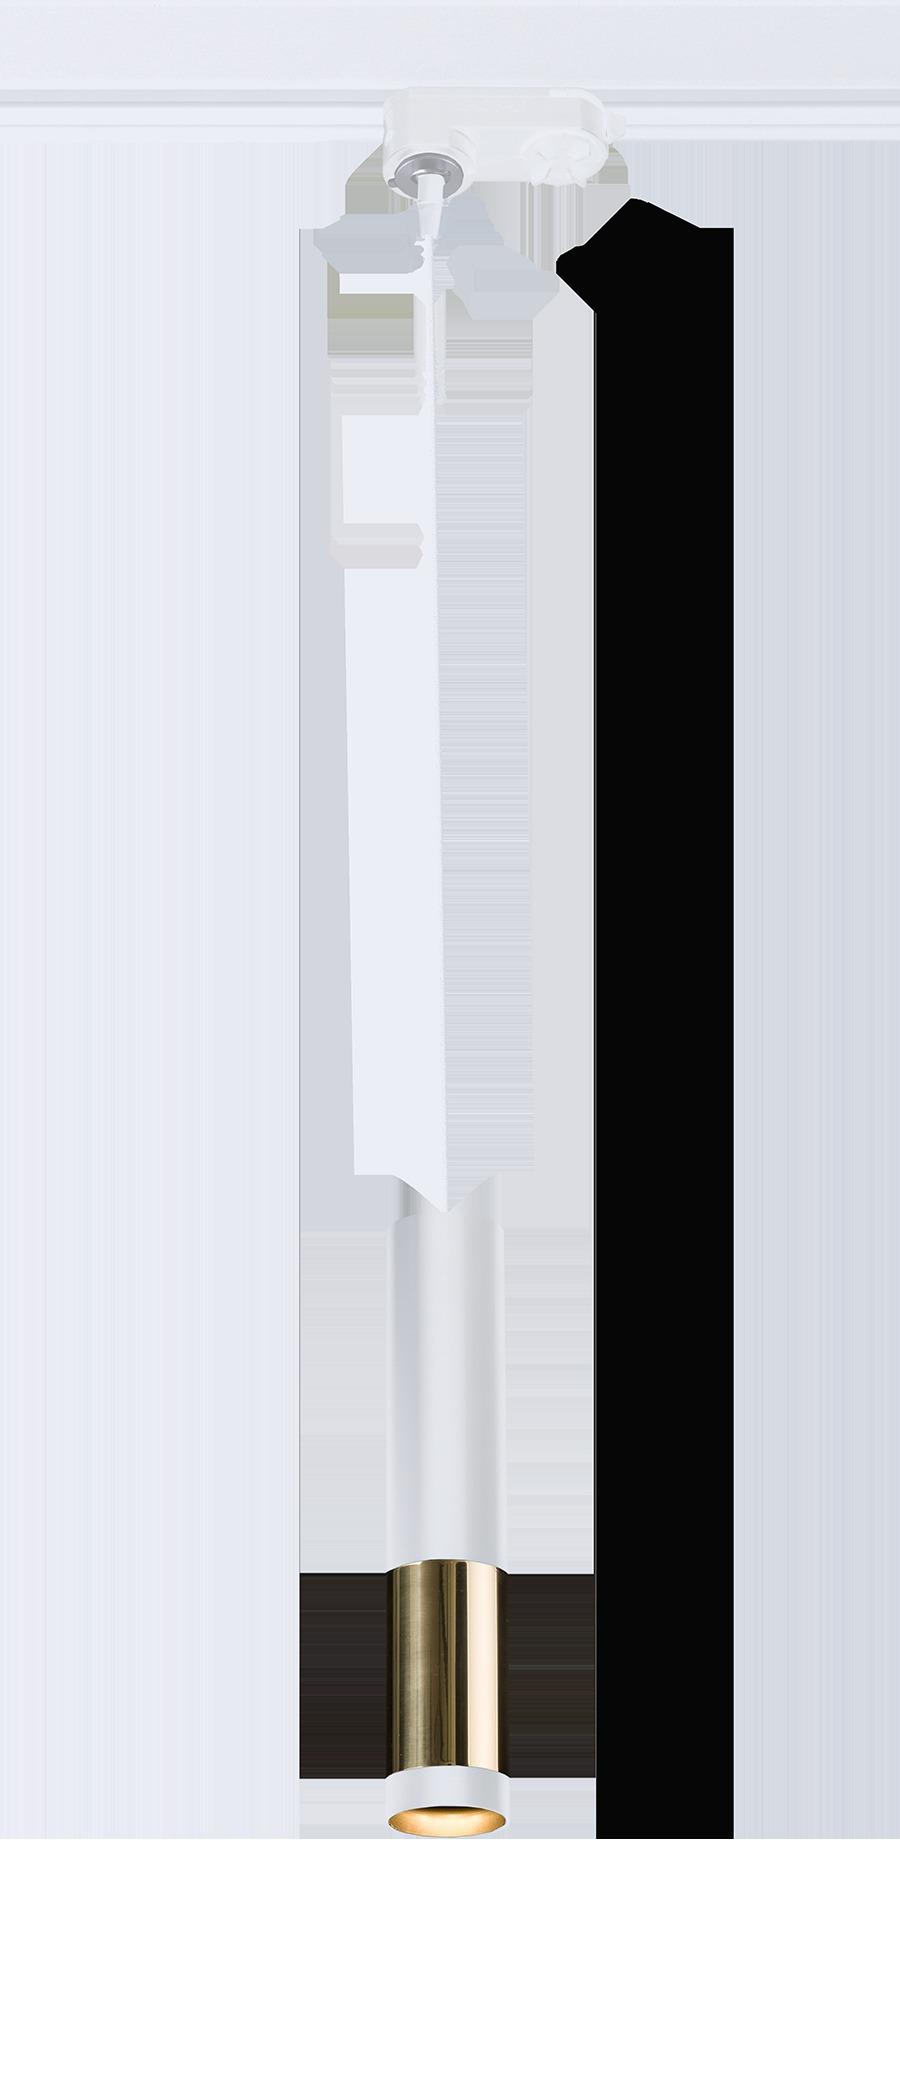 Lampa wisząca do szynoprzewodu Kavos 1 Złoty 0402 - Amplex // Rabaty w koszyku i darmowa dostawa od 299zł !